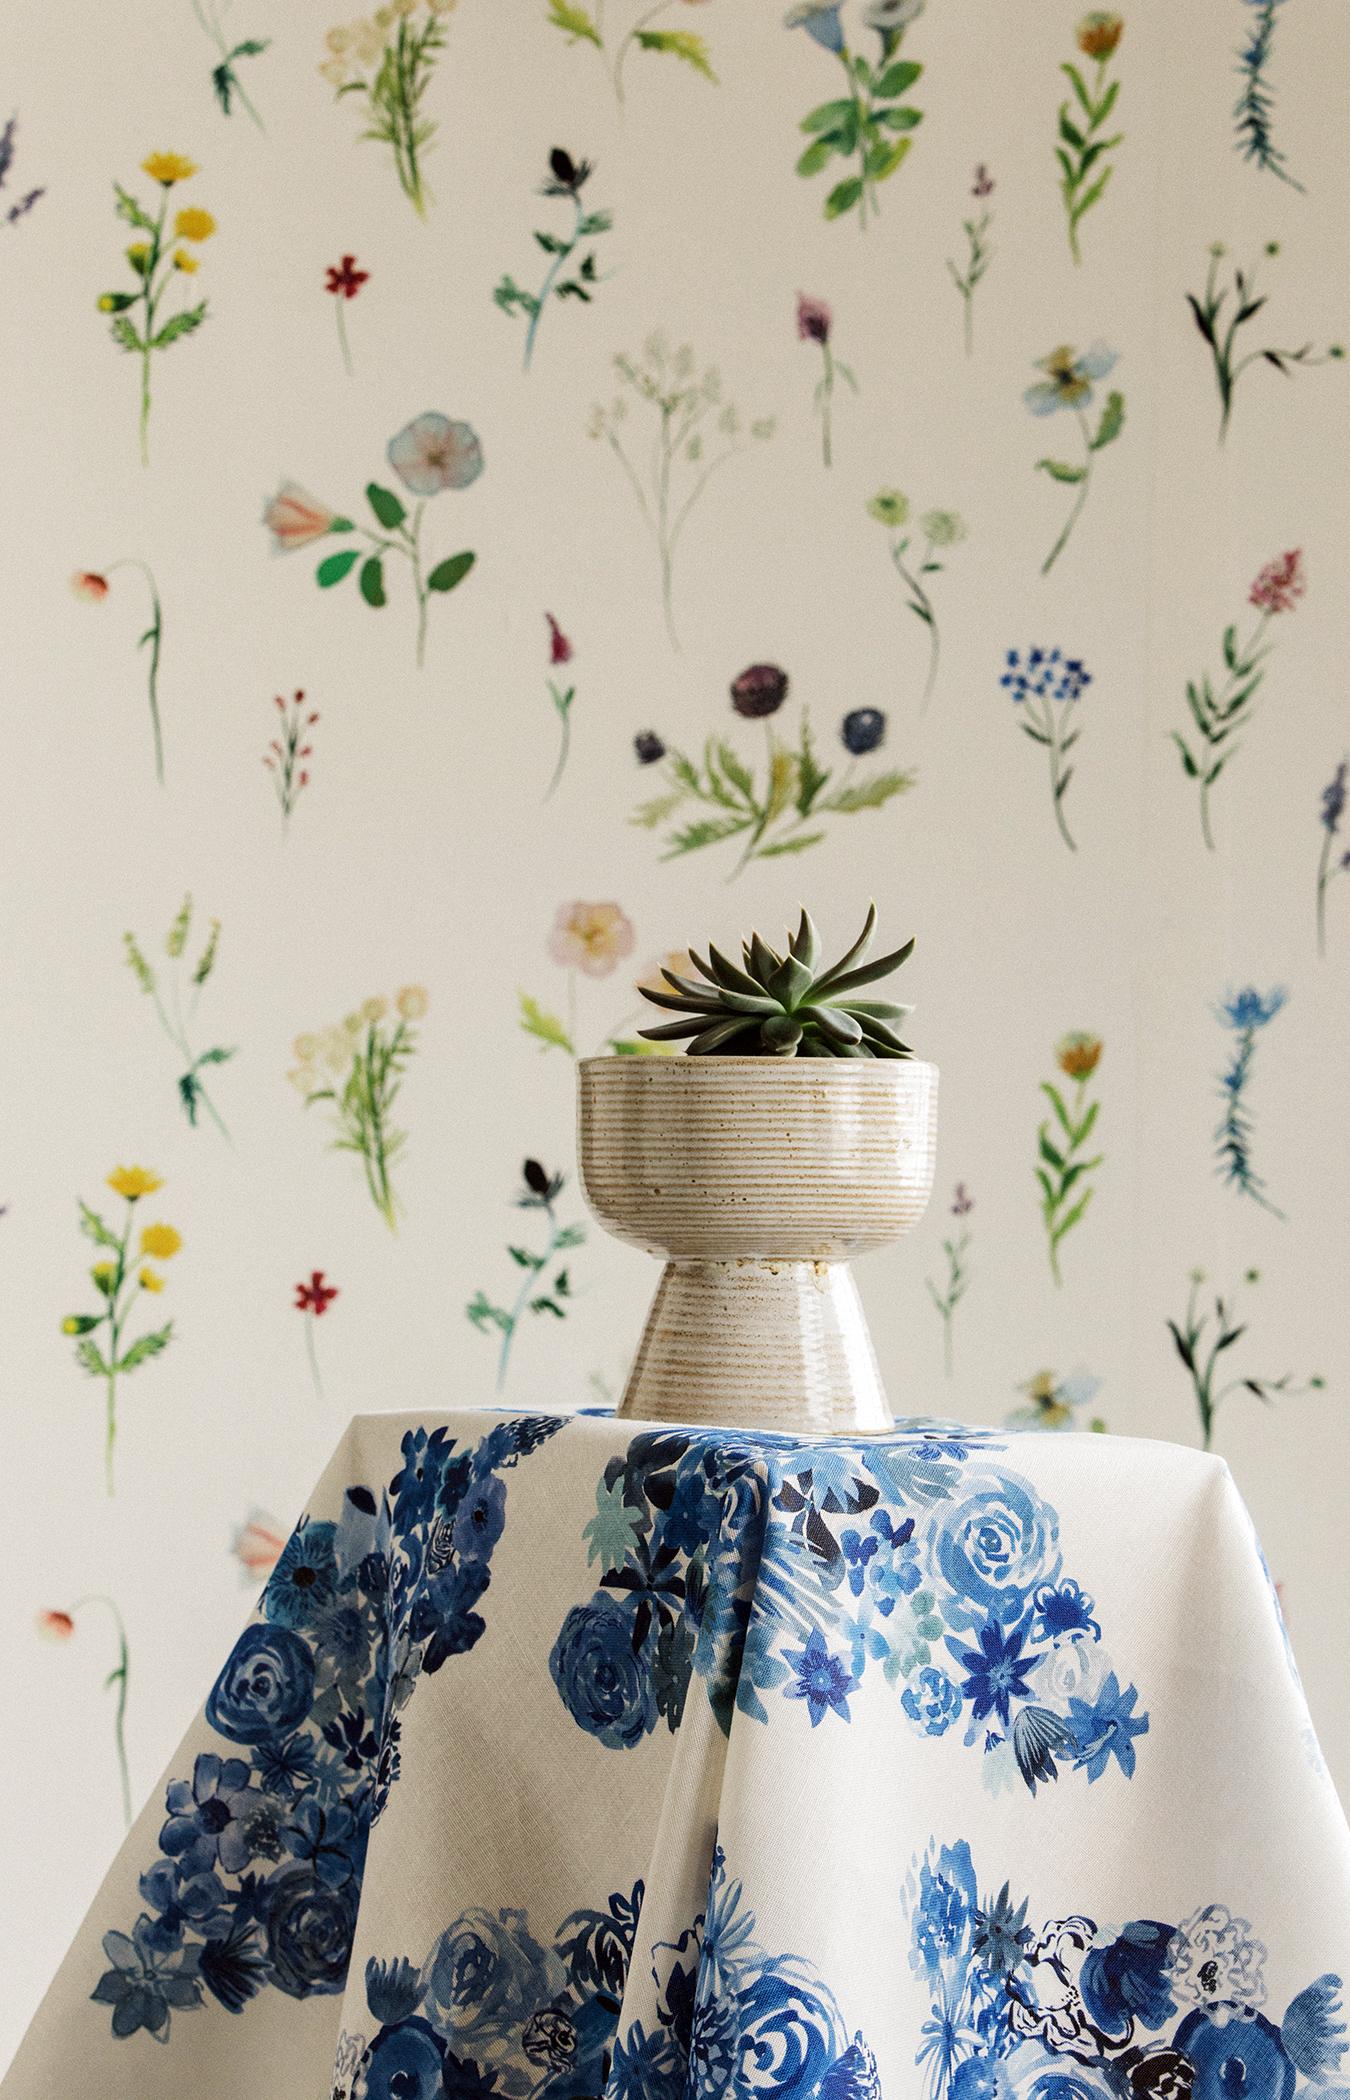 meadow_bluestocking_flora_casbahblue_detail_web.jpg